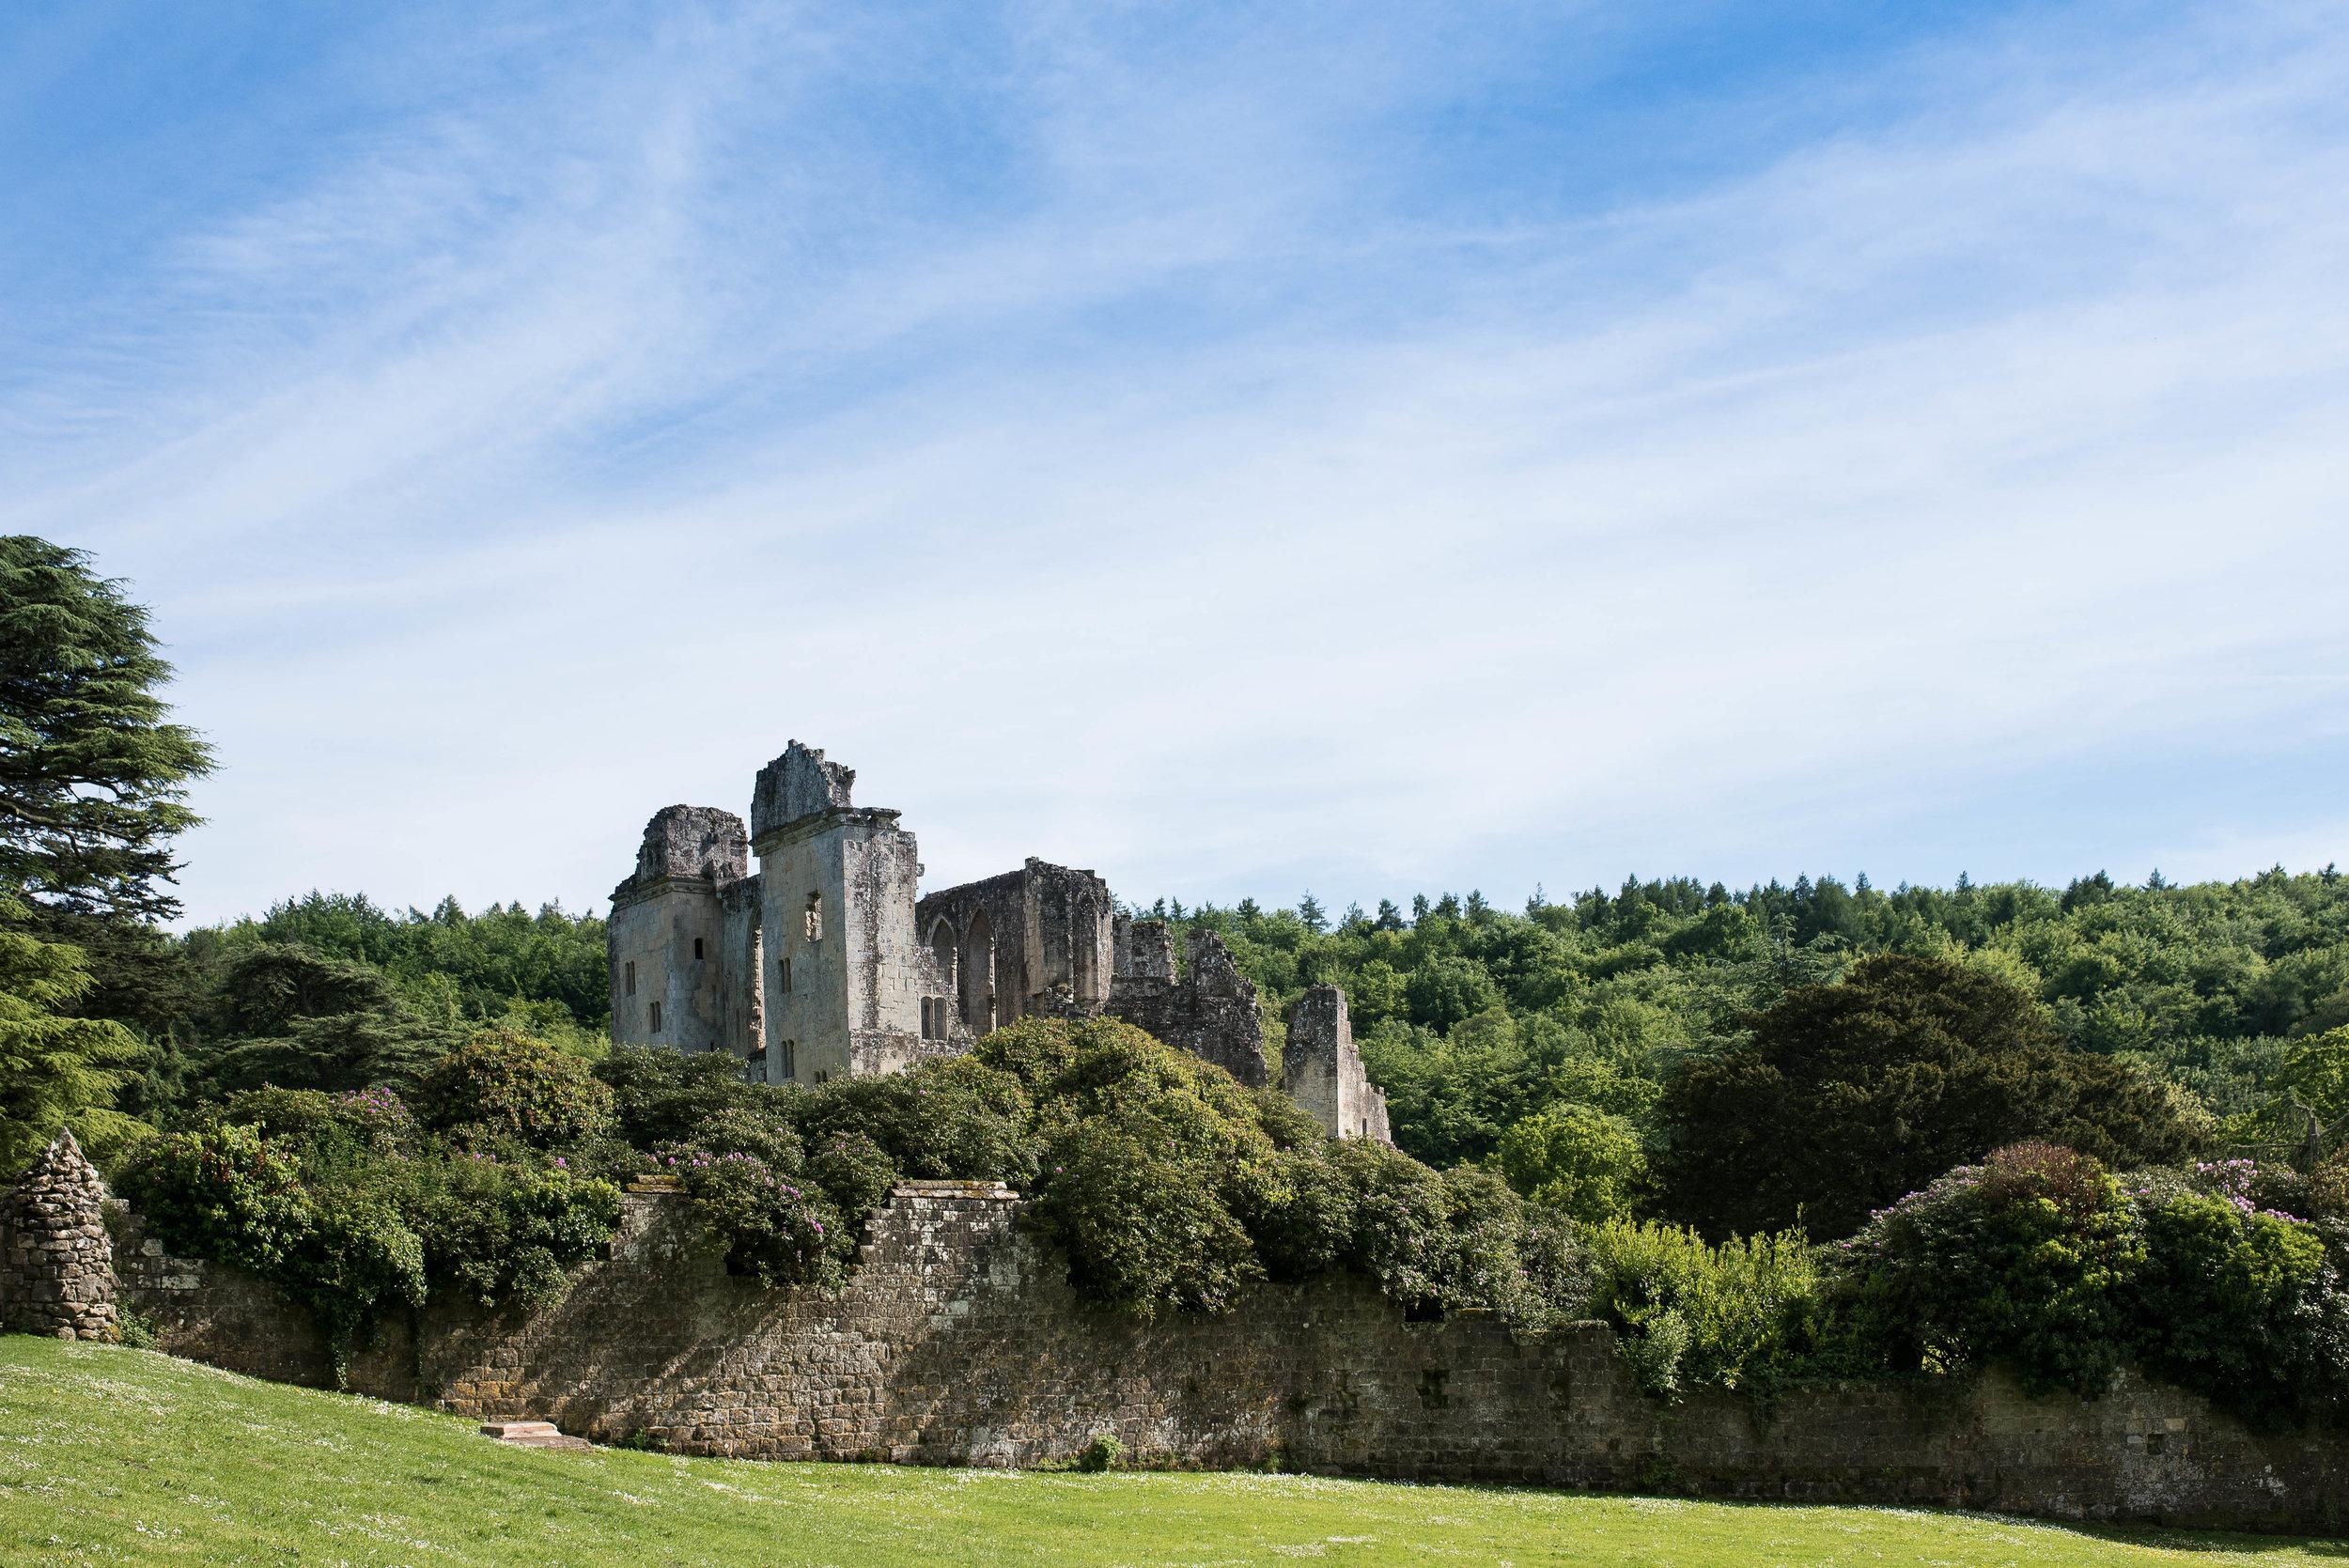 No. 4:  Old Wardour Castle